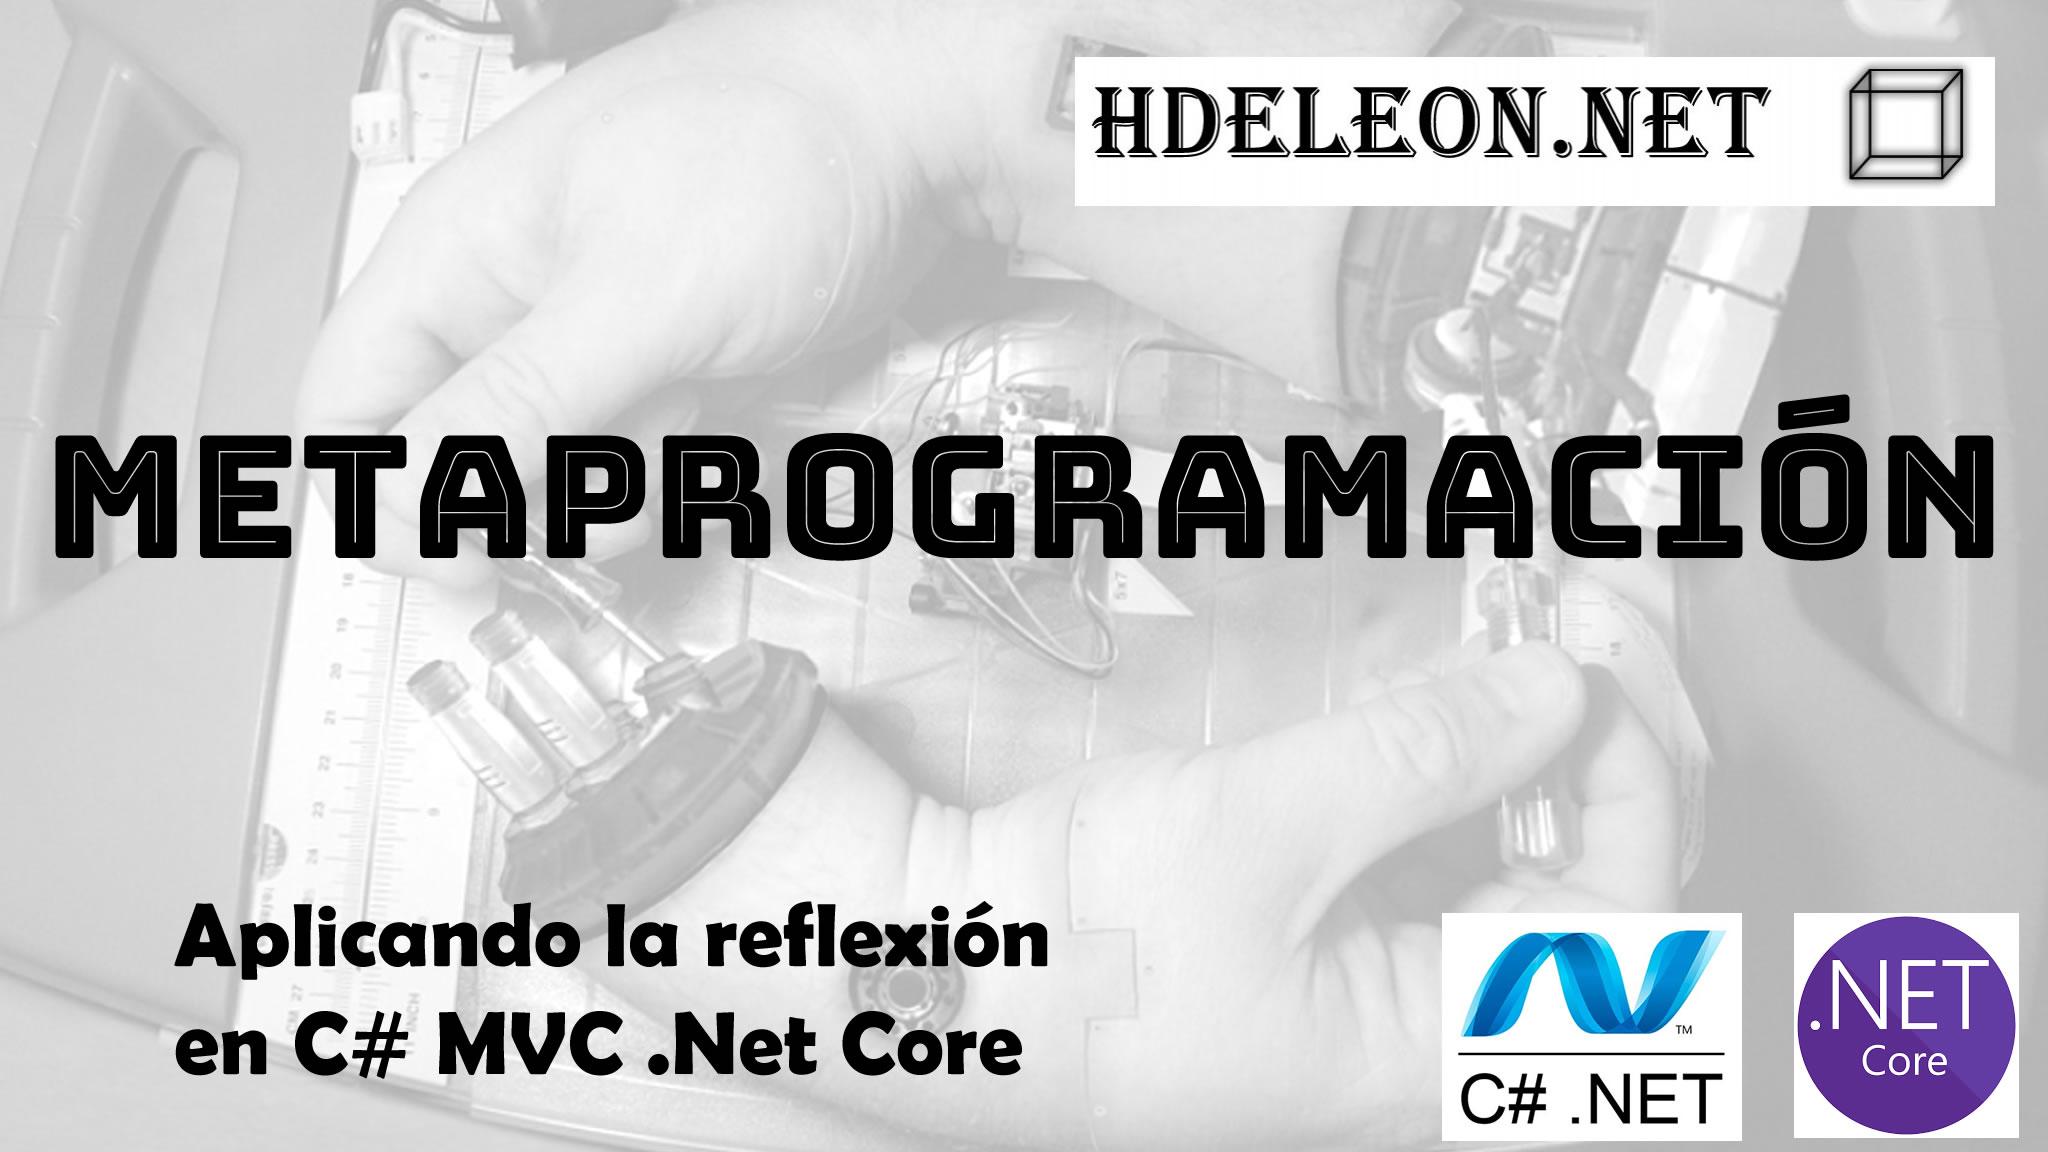 Aplicando la reflexión en C# MVC .Net Core, Creando formularios dinámicos, metaprogramación